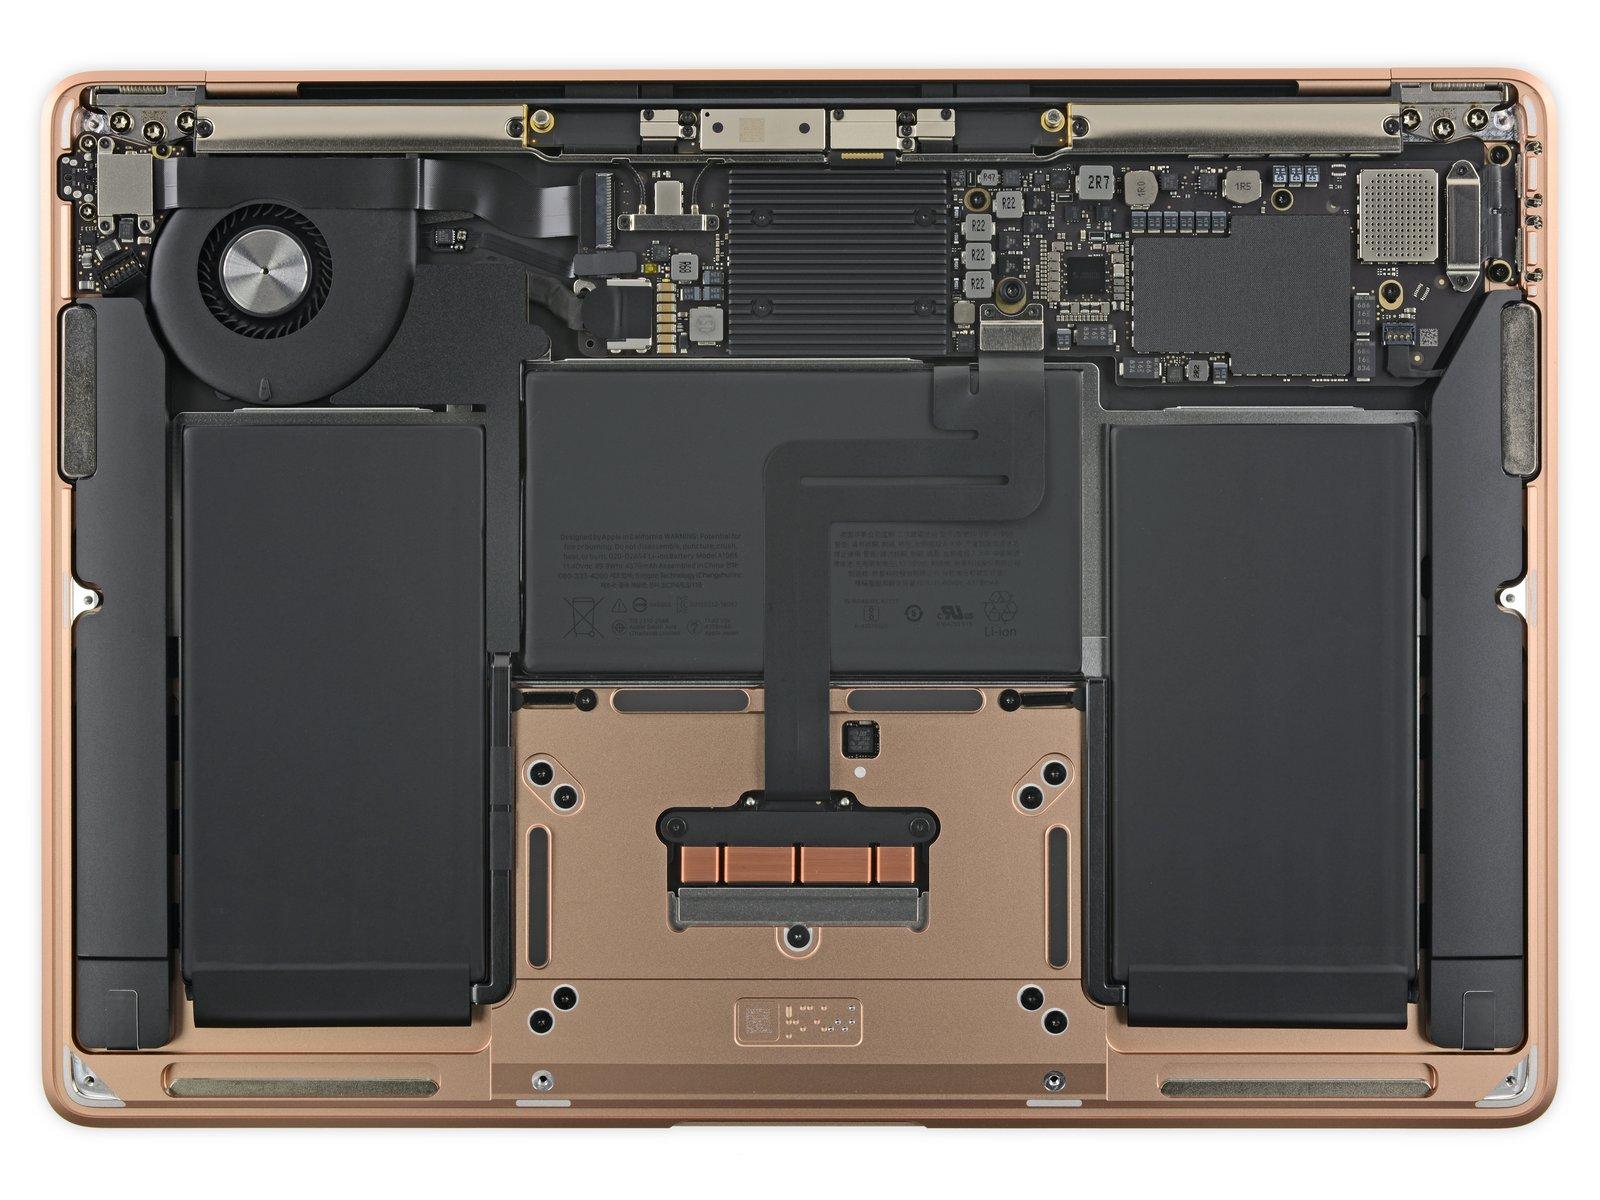 MacBook Air 2018 проверили на ремонтопригодность - фото 3 | Сервисный центр Total Apple